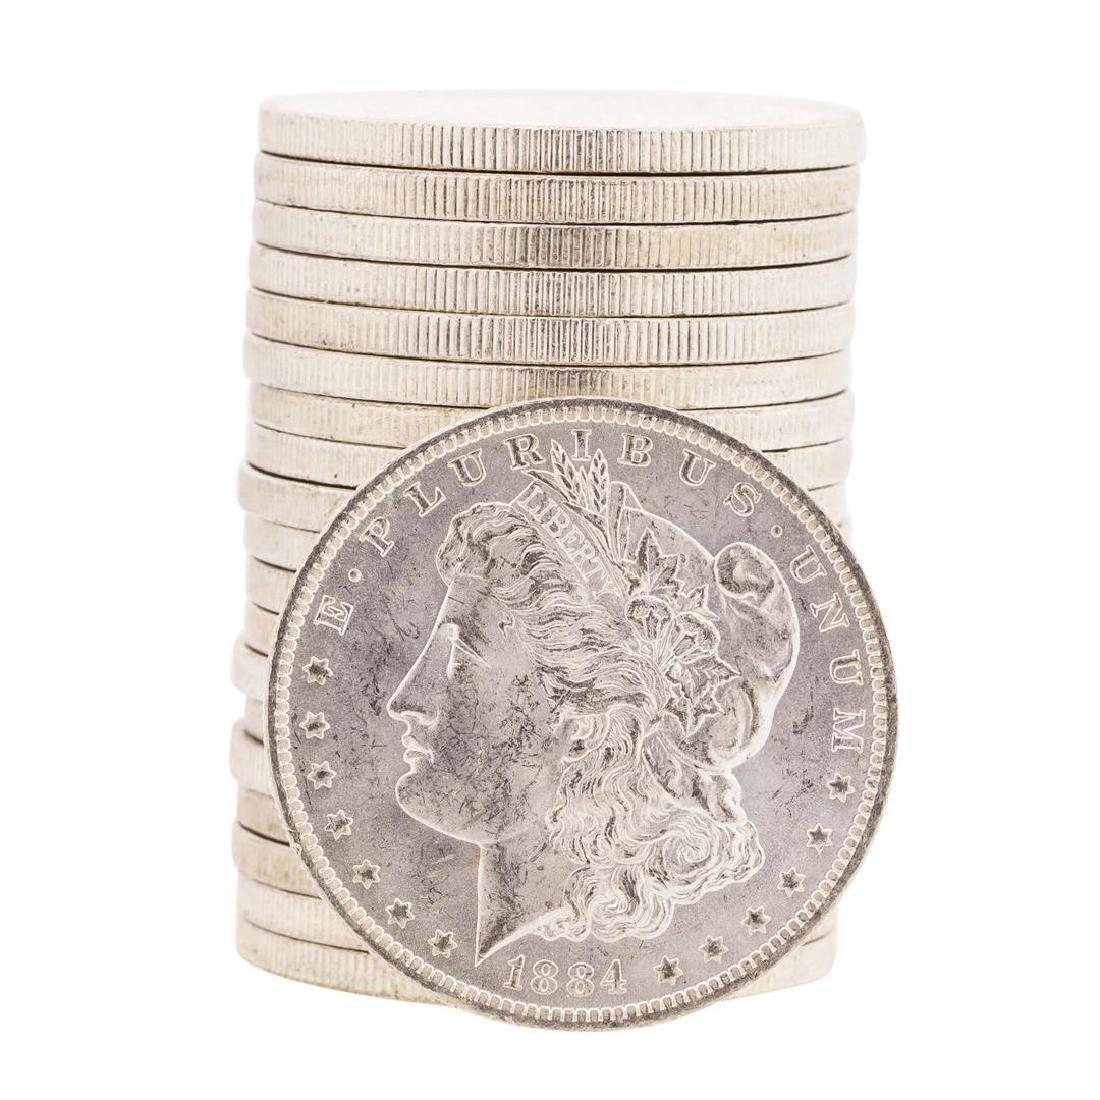 Roll of (20) 1884-O $1 Brilliant Uncirculated Morgan